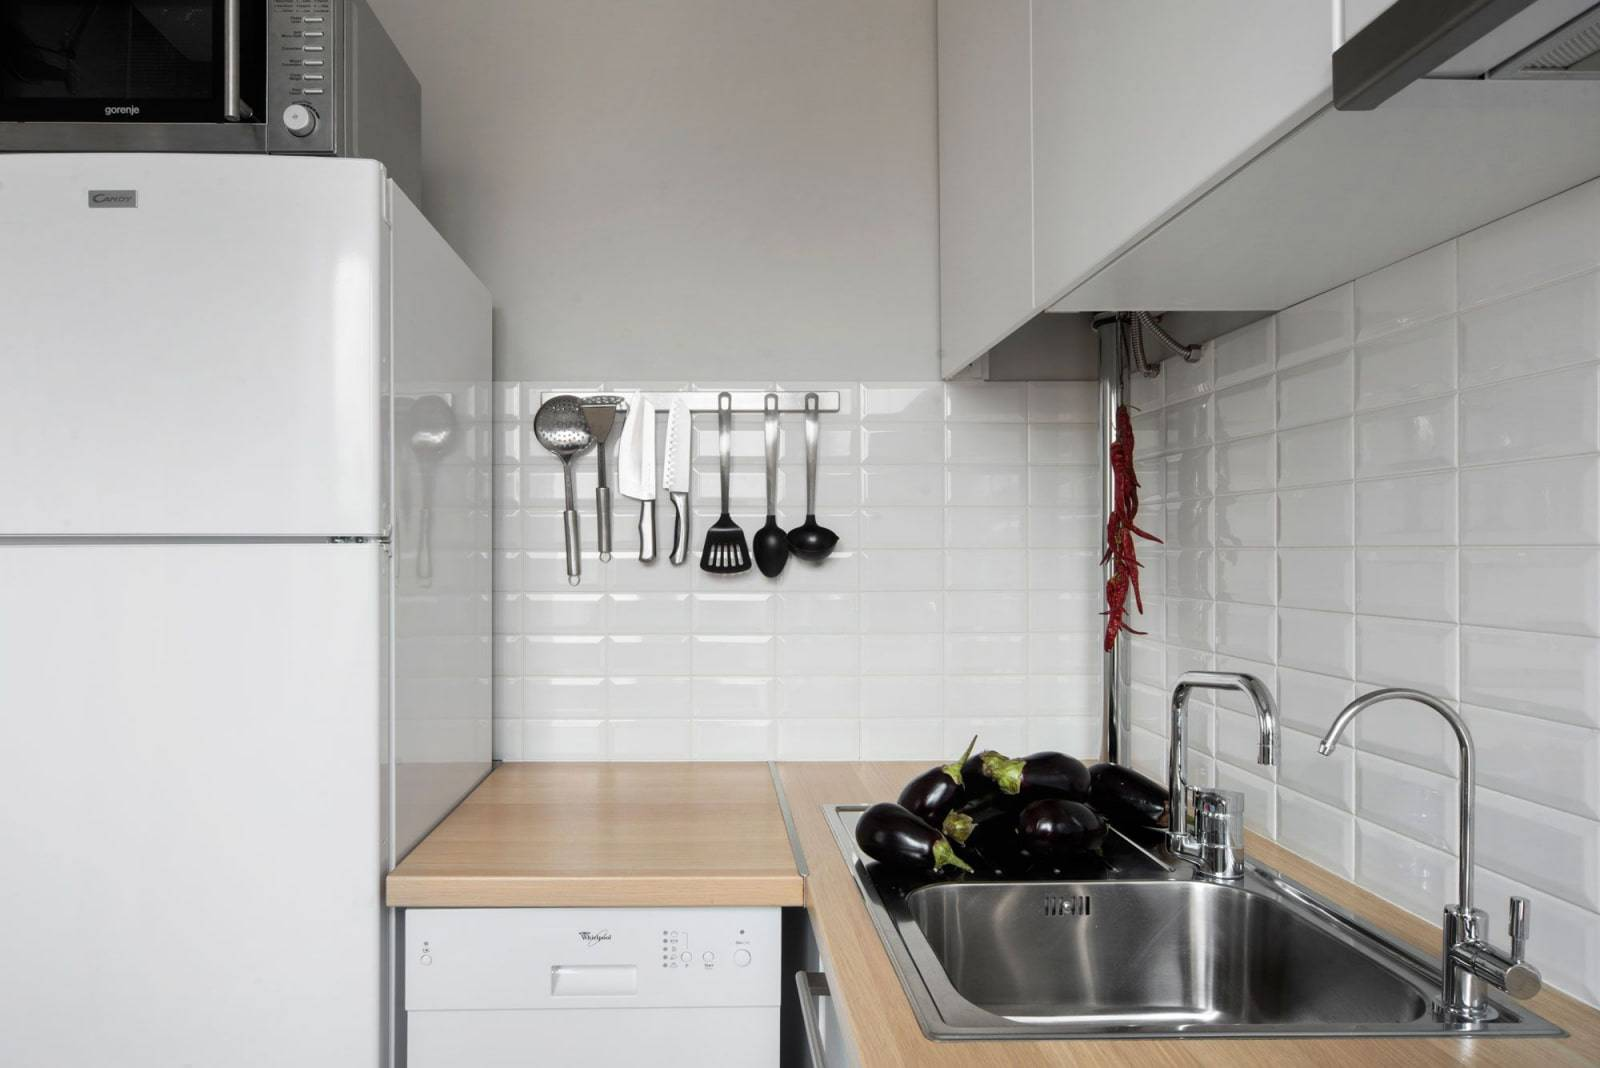 Как спрятать газовую колонку на кухне: варианты (фото и видео)